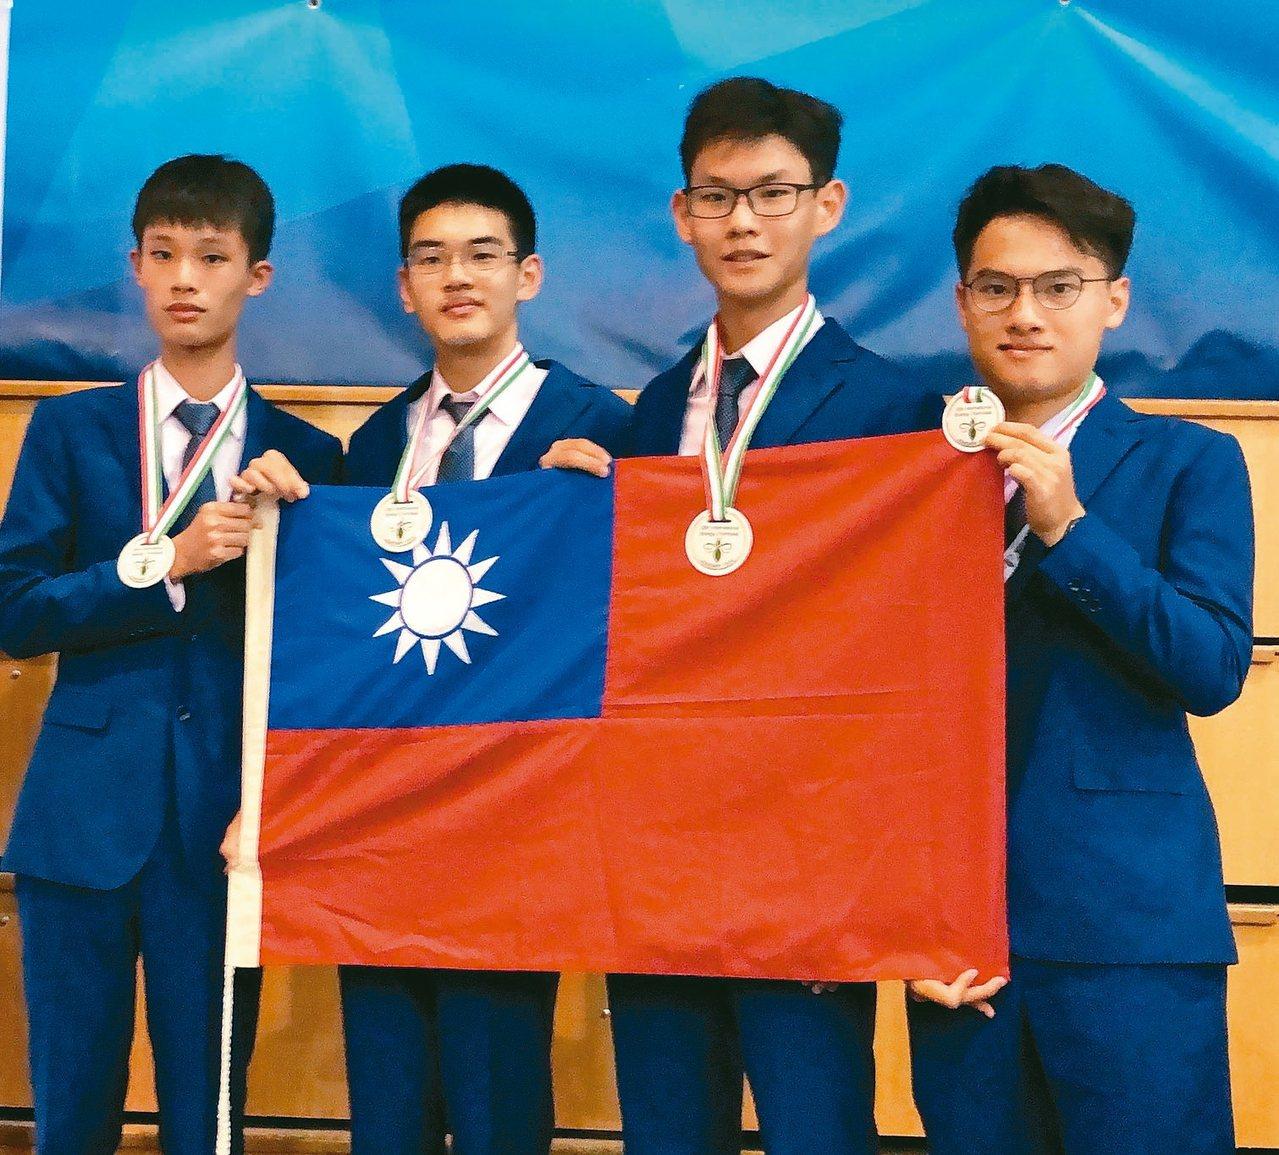 第30屆國際生物奧林匹亞競賽代表我國參賽的4名學生朱奕帆(左起)、曾治蓁、李祥宇...